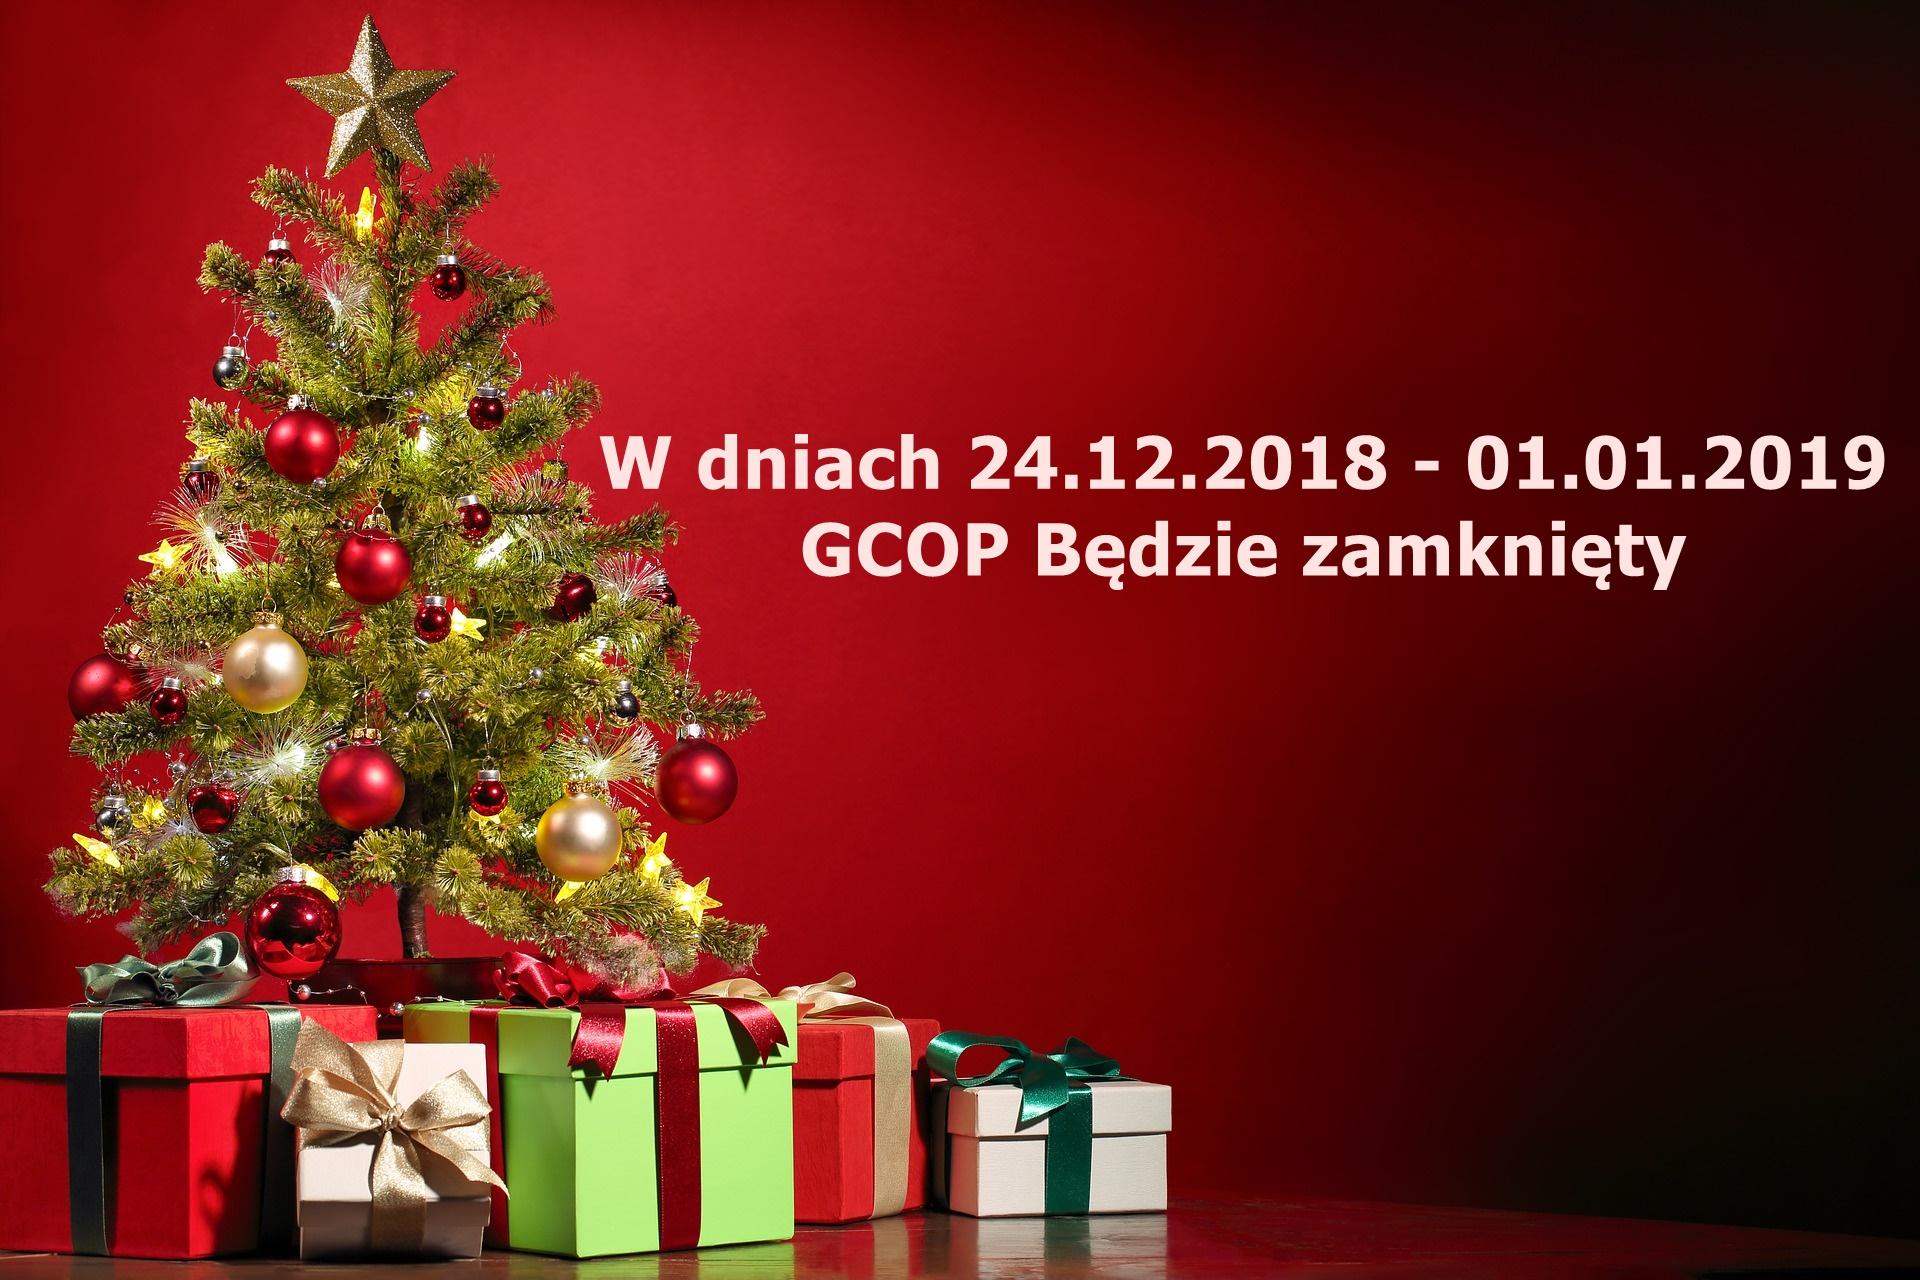 W dniach od 24.12.2018r. do 01.01.2019 r. Gdyńskie Centrum Organizacji Pozarządowych będzie nieczynne.